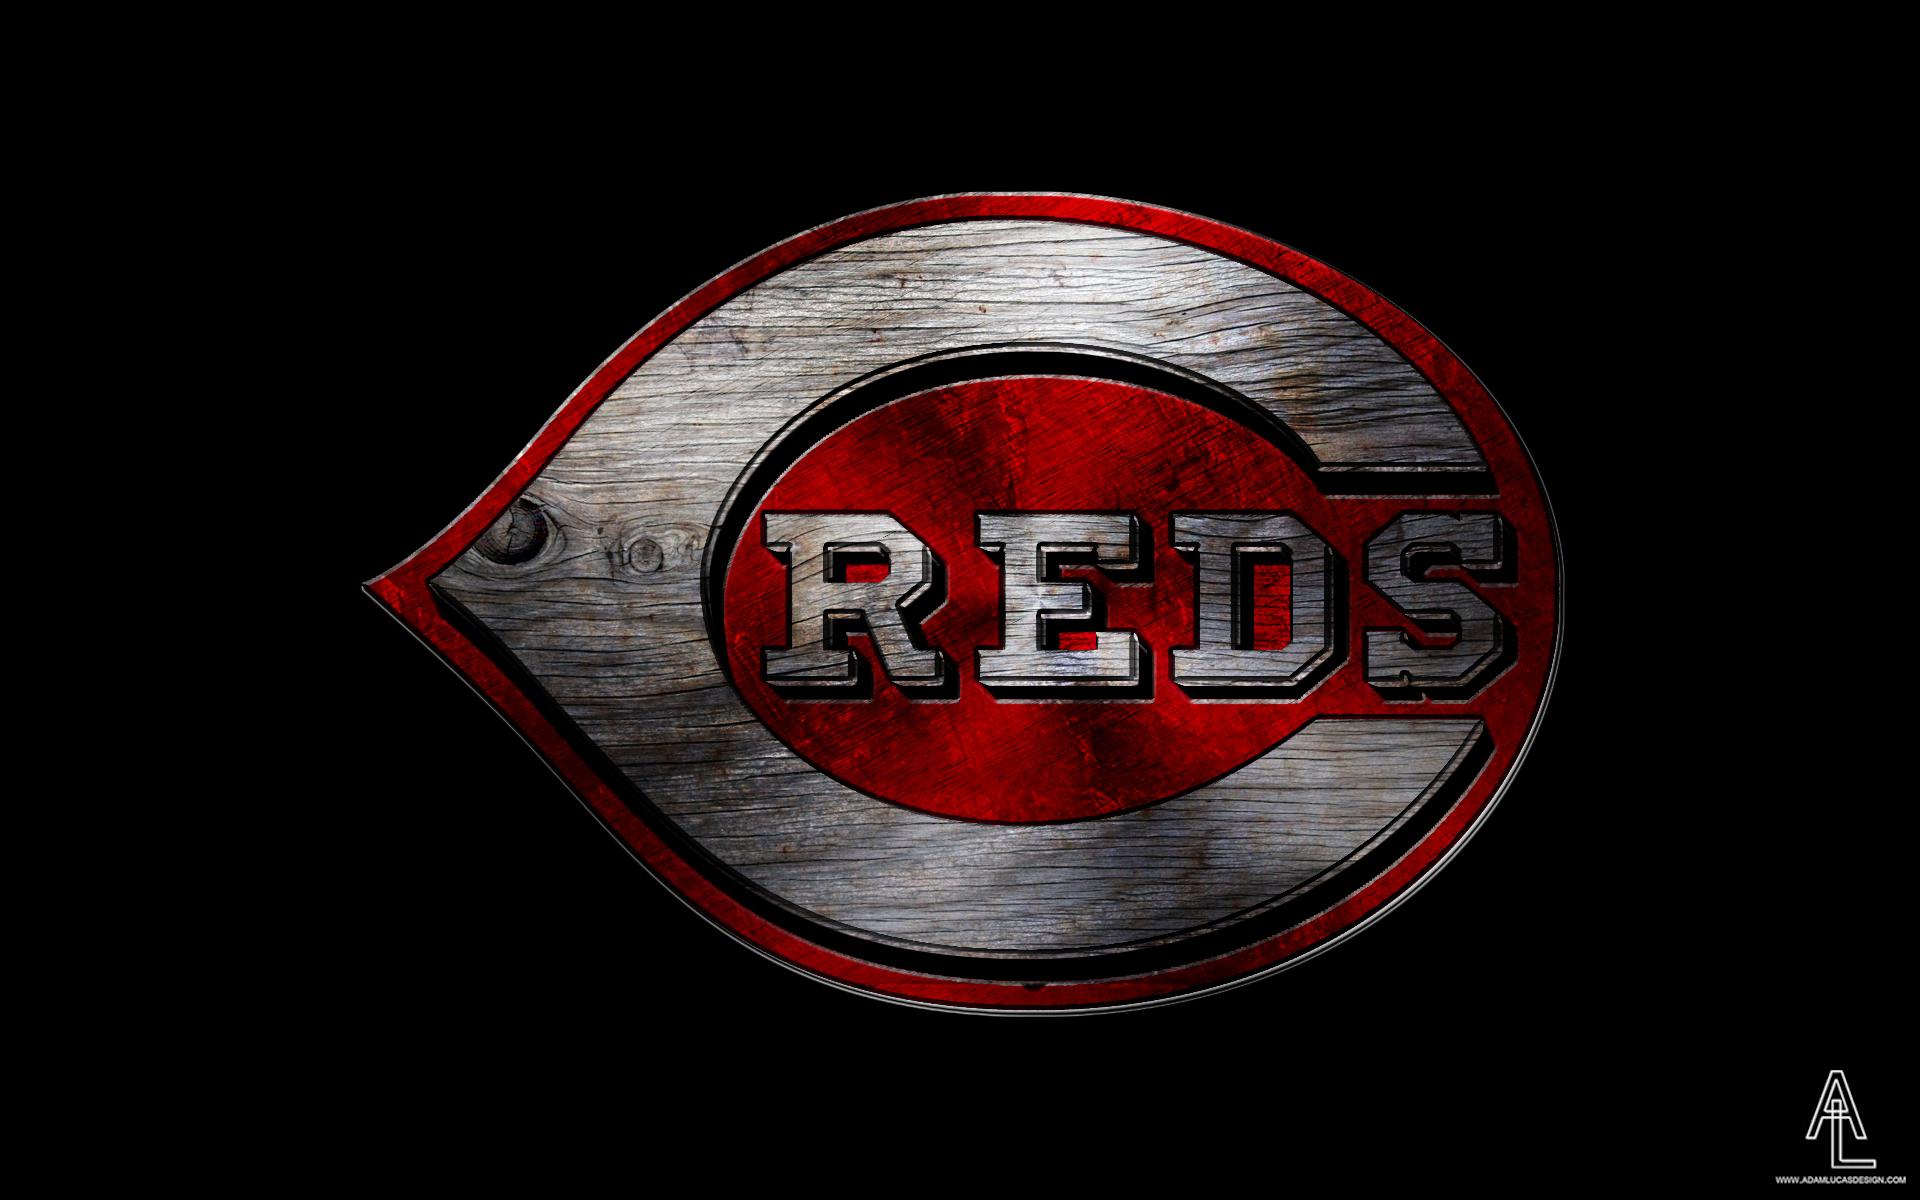 Cincinnati Reds Wallpaper 9   1920 X 1200 stmednet 1920x1200